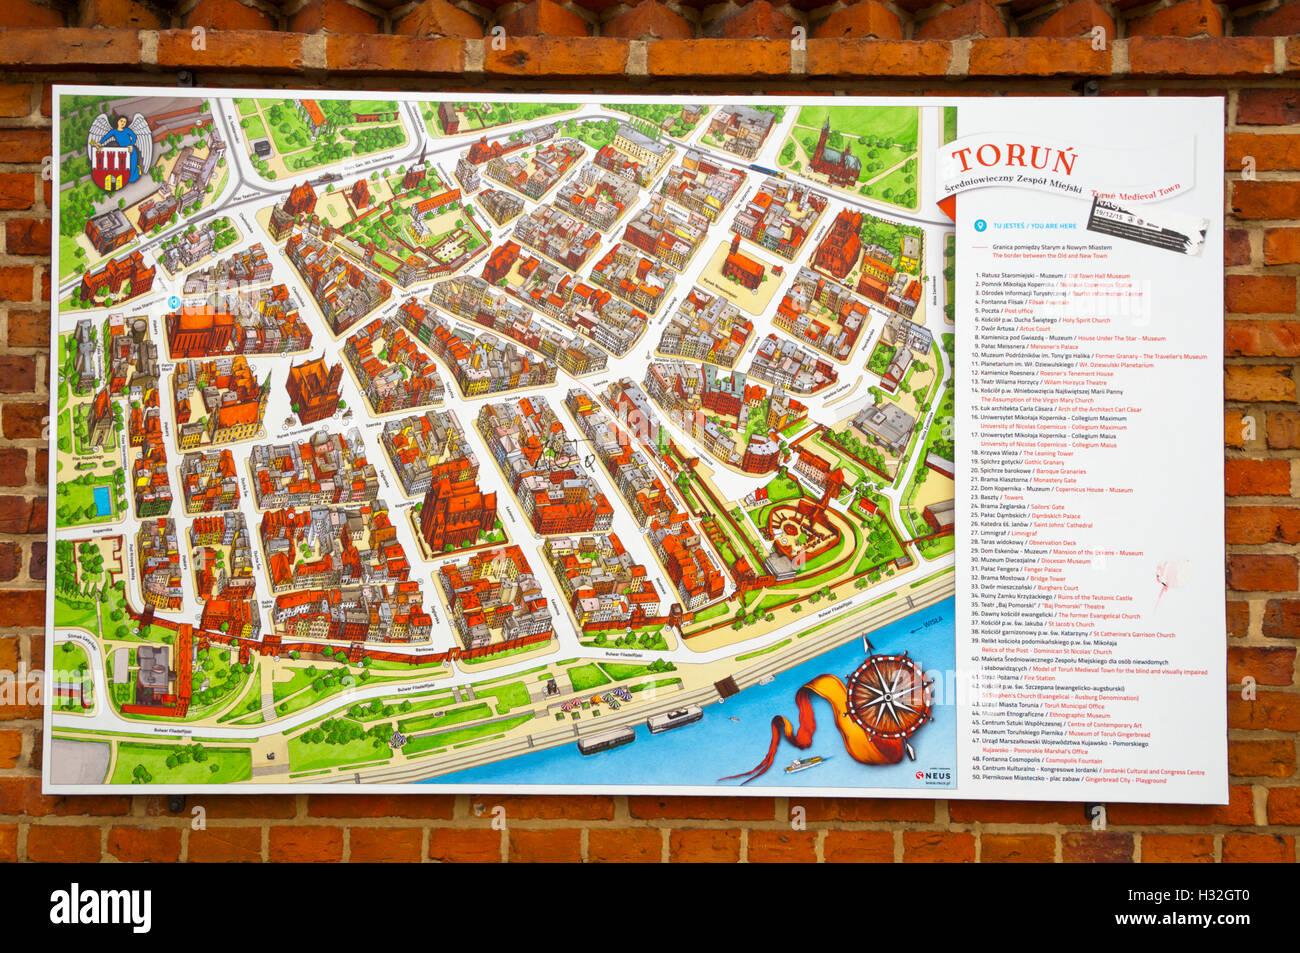 Karte Der Alten Stadt Torun Pommern Polen Stockfotografie Alamy